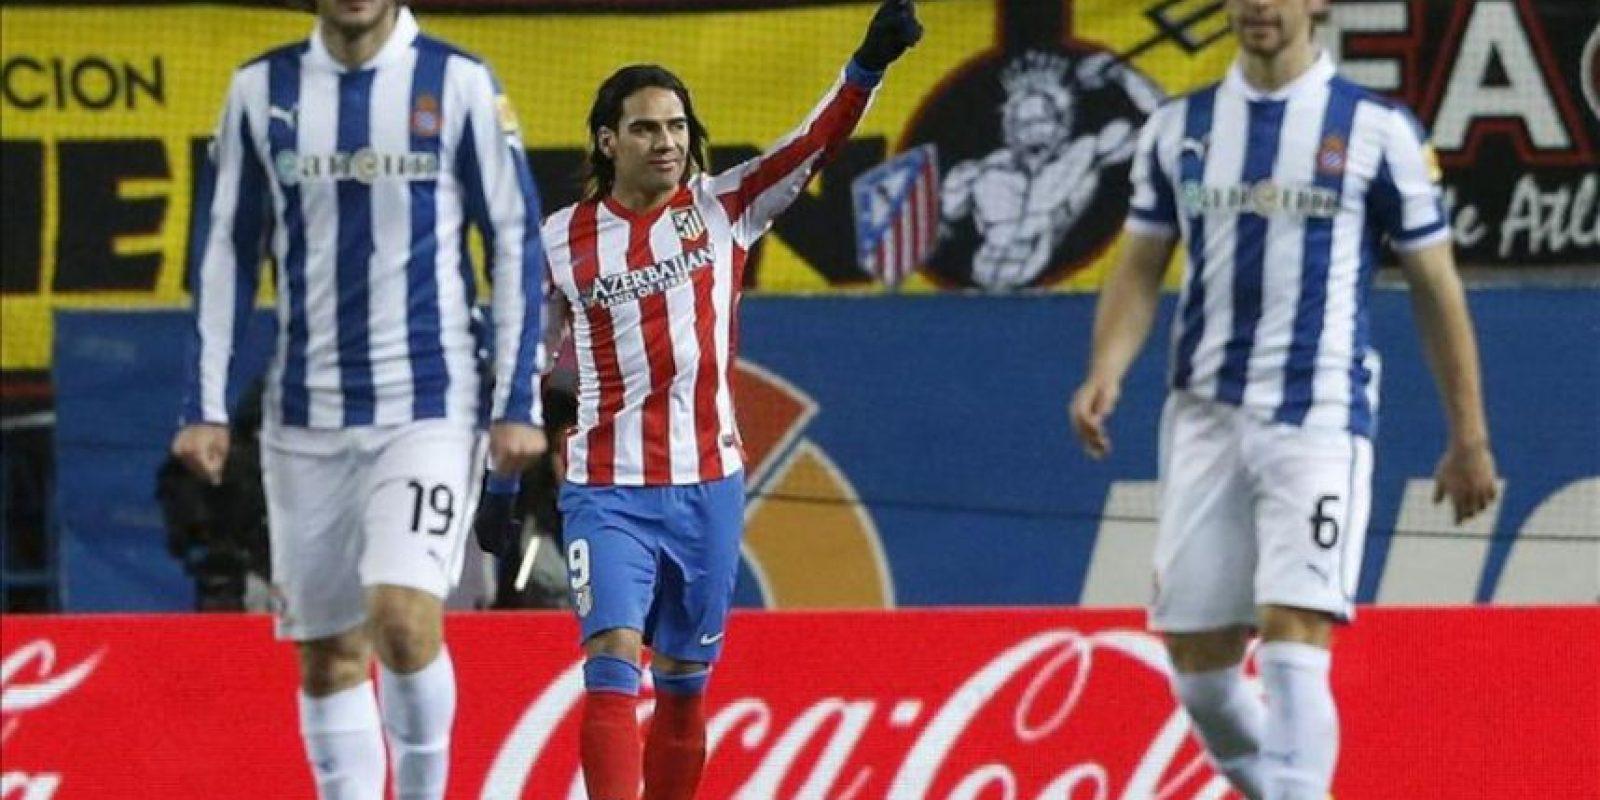 El delantero colombiano del Atlético de Madrid Radamel Falcao (c) celebra el gol que ha marcado al RCD Espanyol, durante el partido de la vigésimo quinta jornada de Liga de Primera División disputado en el estadio Vicente Calderón. EFE